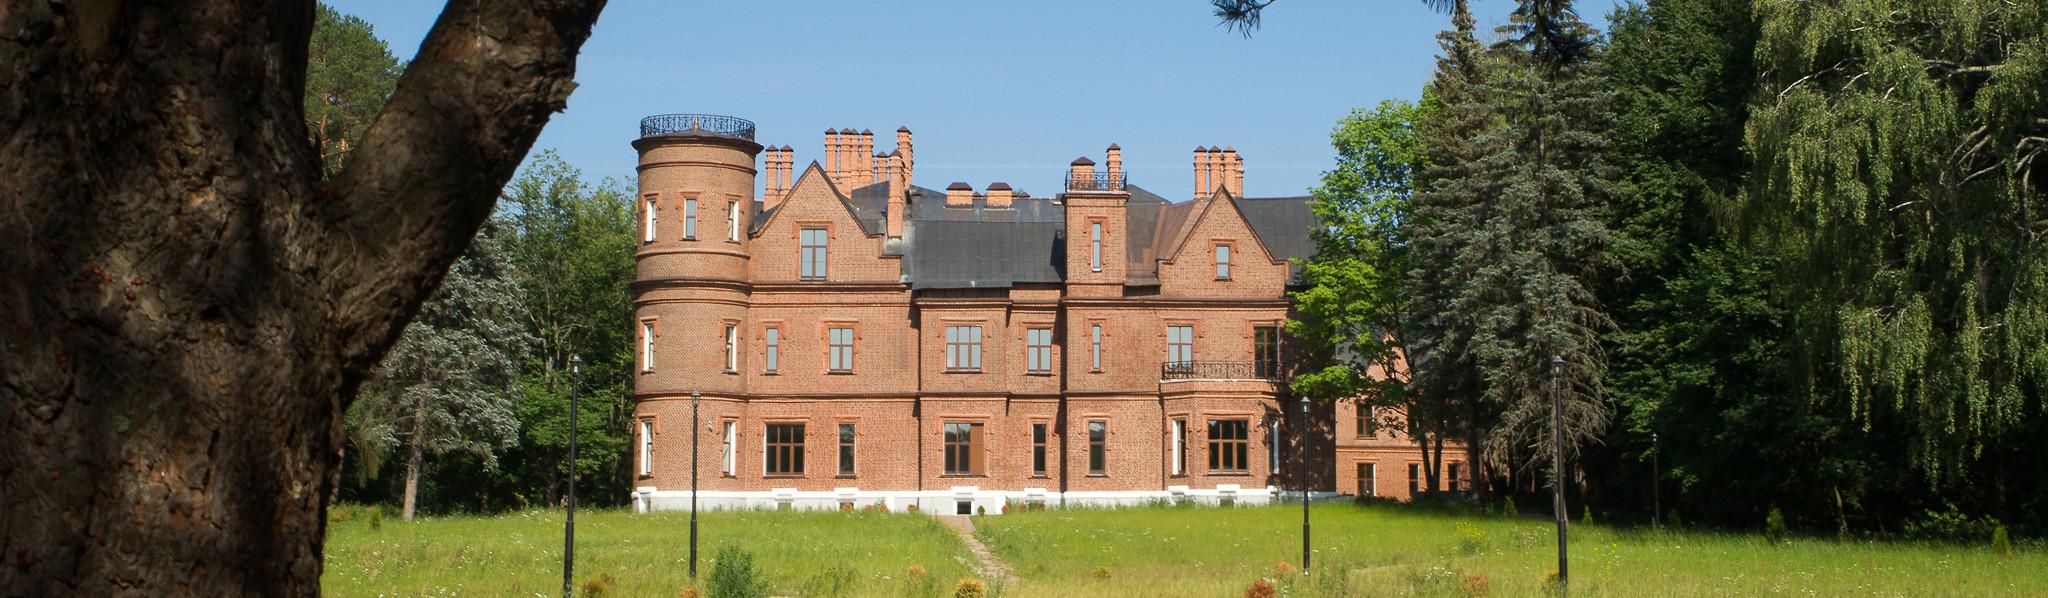 Васильевский замок, усадьба Щербатовых